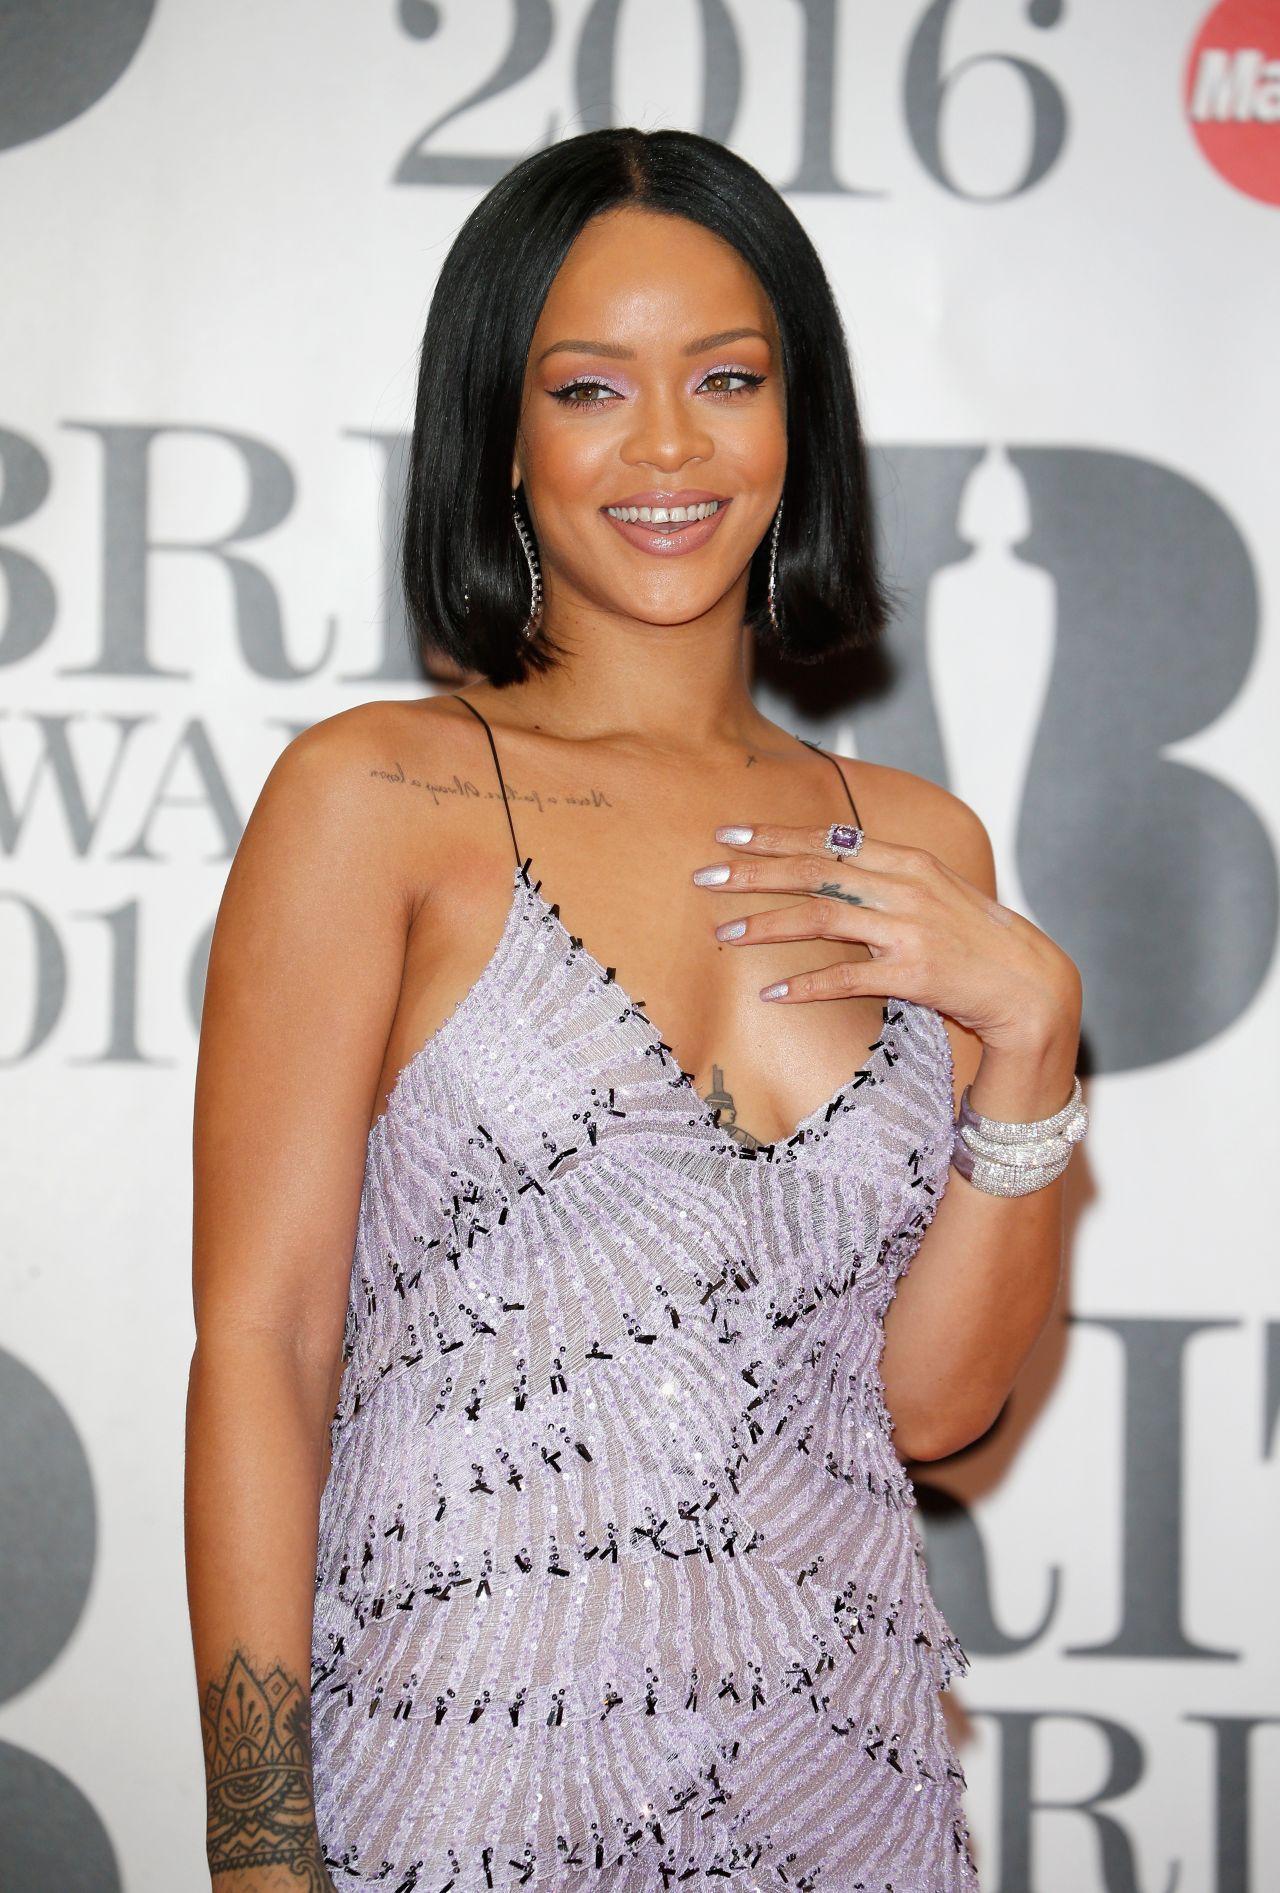 Rihanna - BRIT Awards 2016 in London Rihanna 2016